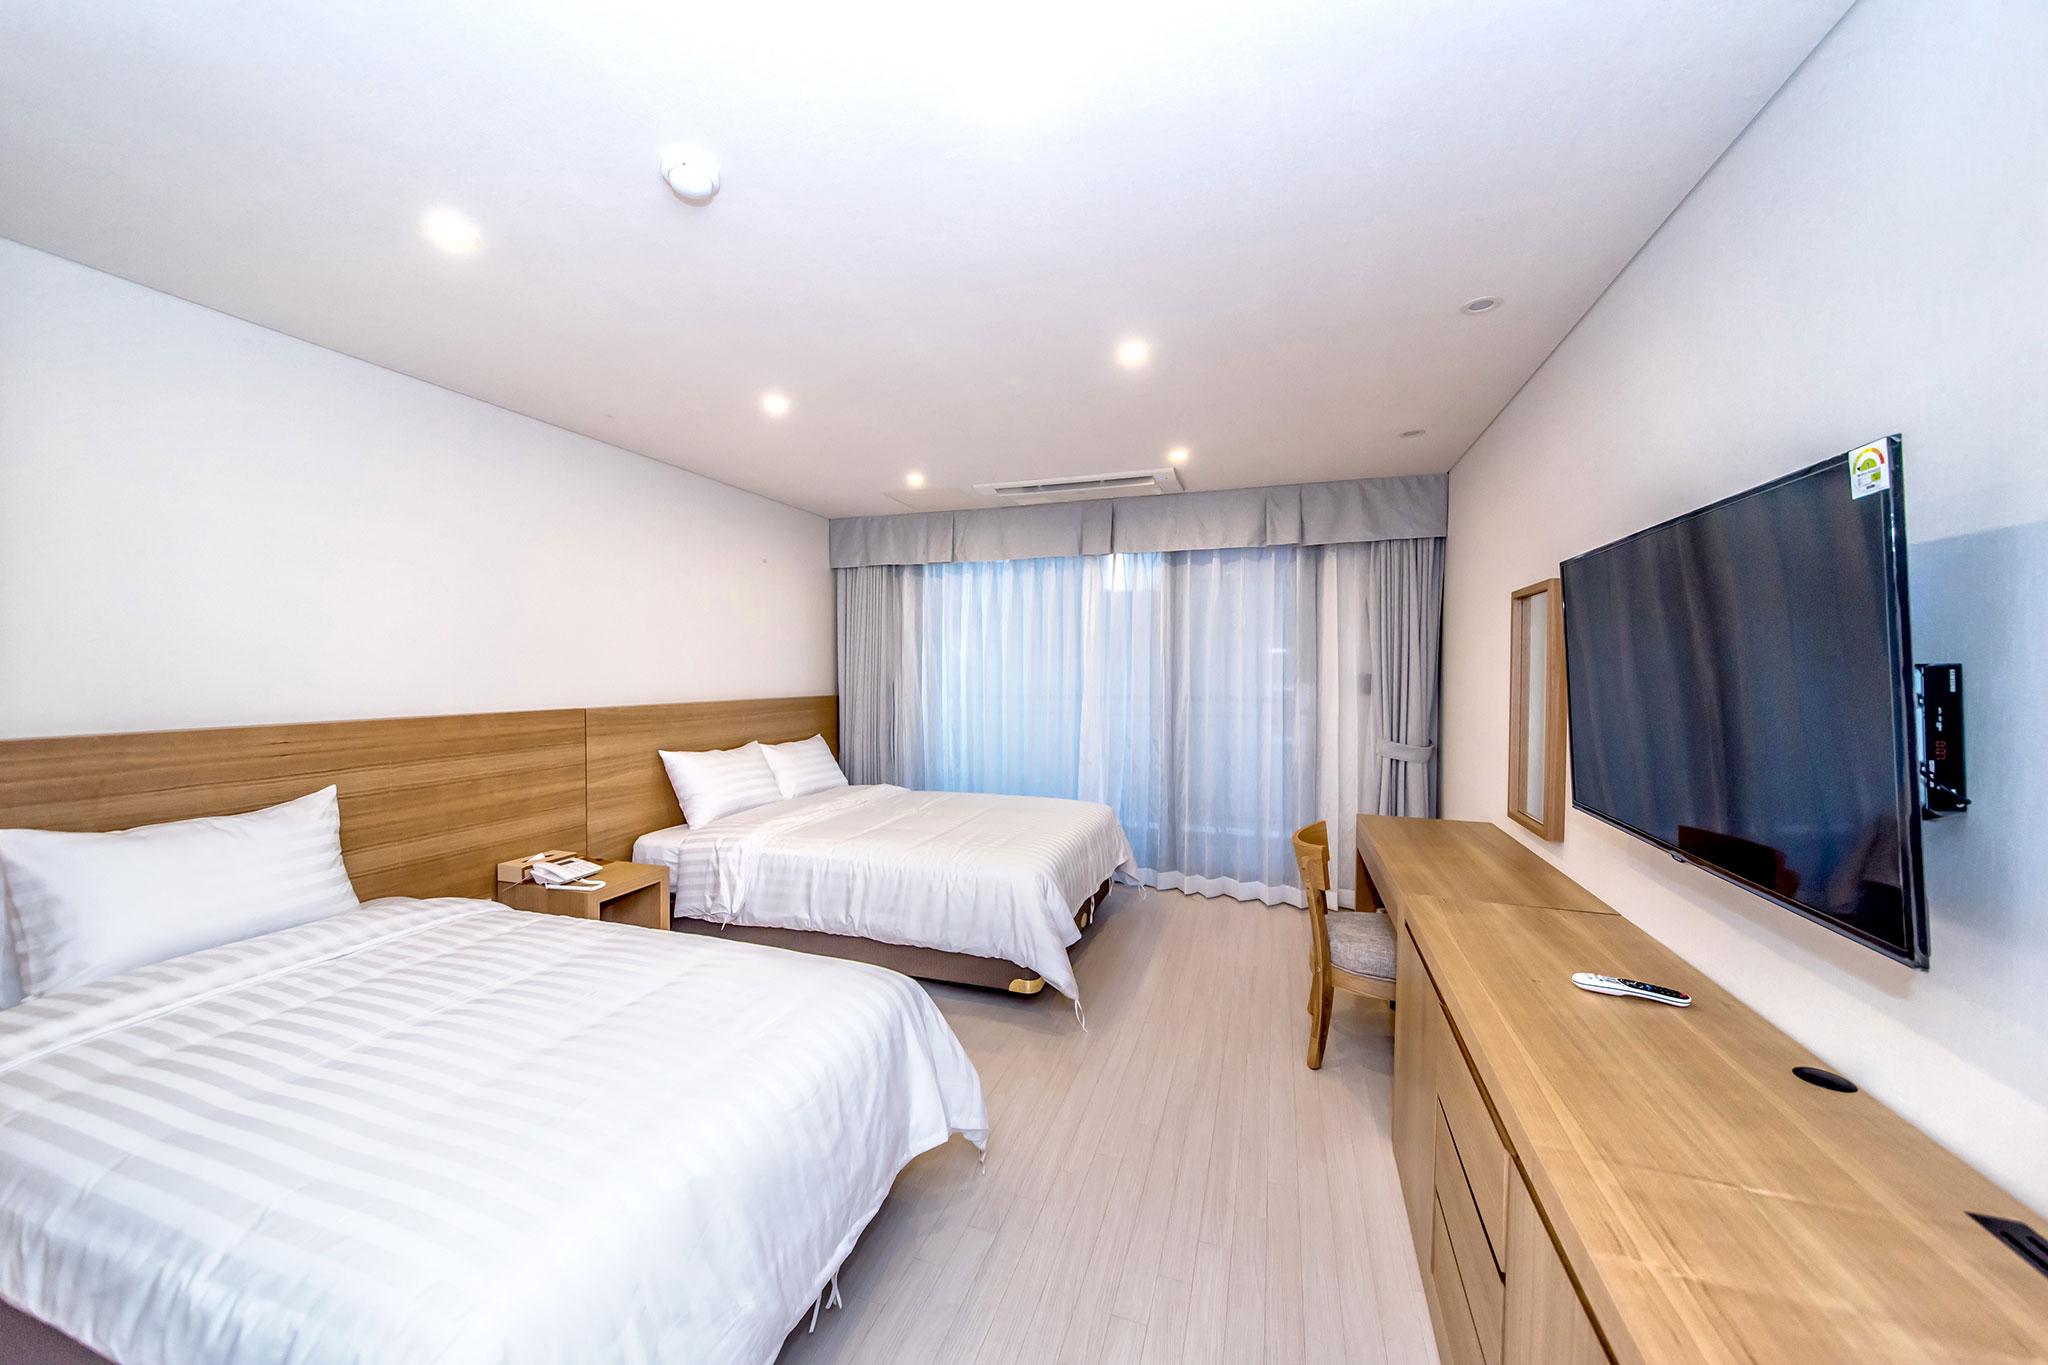 서귀포 BK 호텔 이미지1